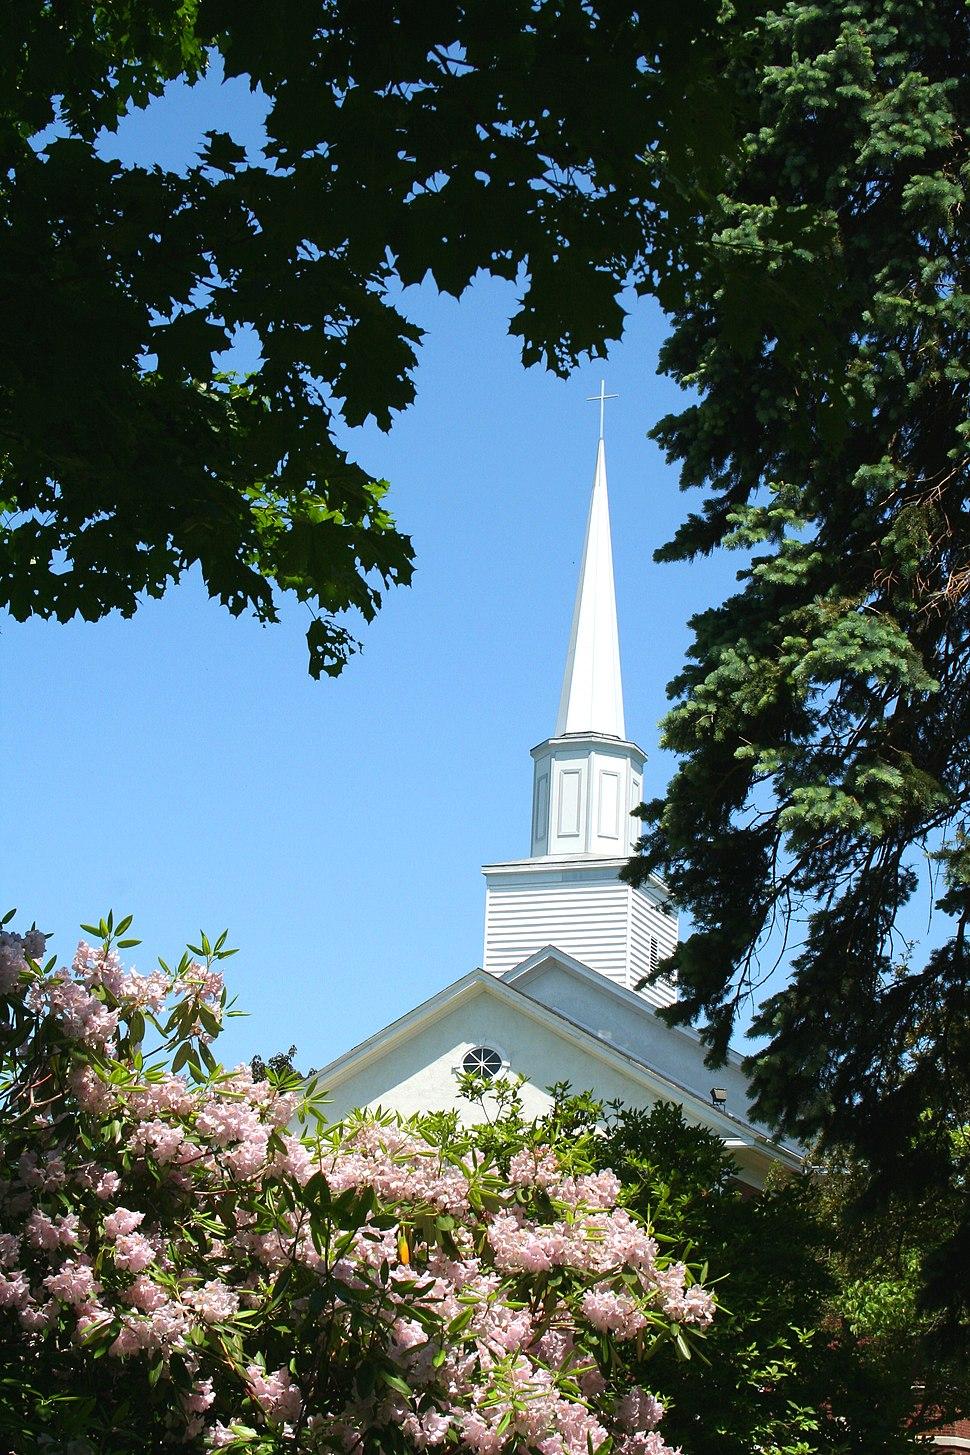 Wollaston Church of the Nazarene - steeple